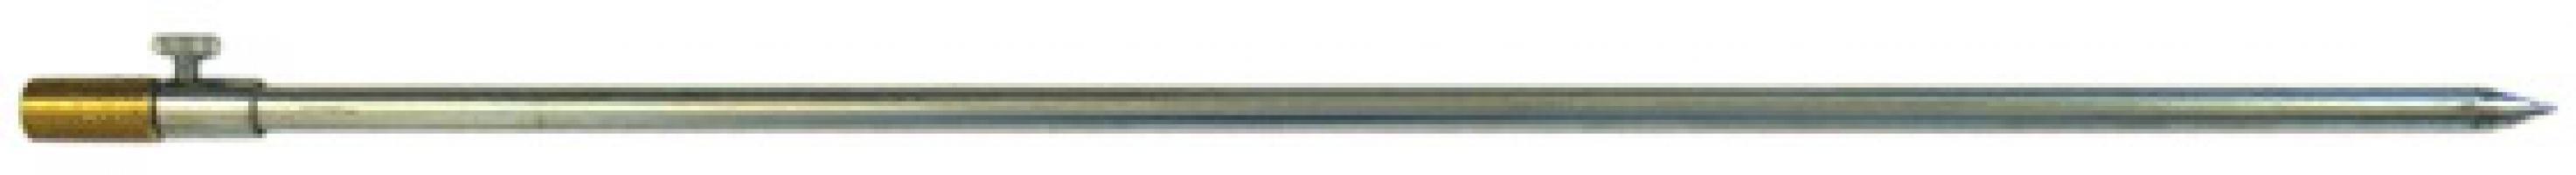 Vidlička teleskopická 50-85cm - závit